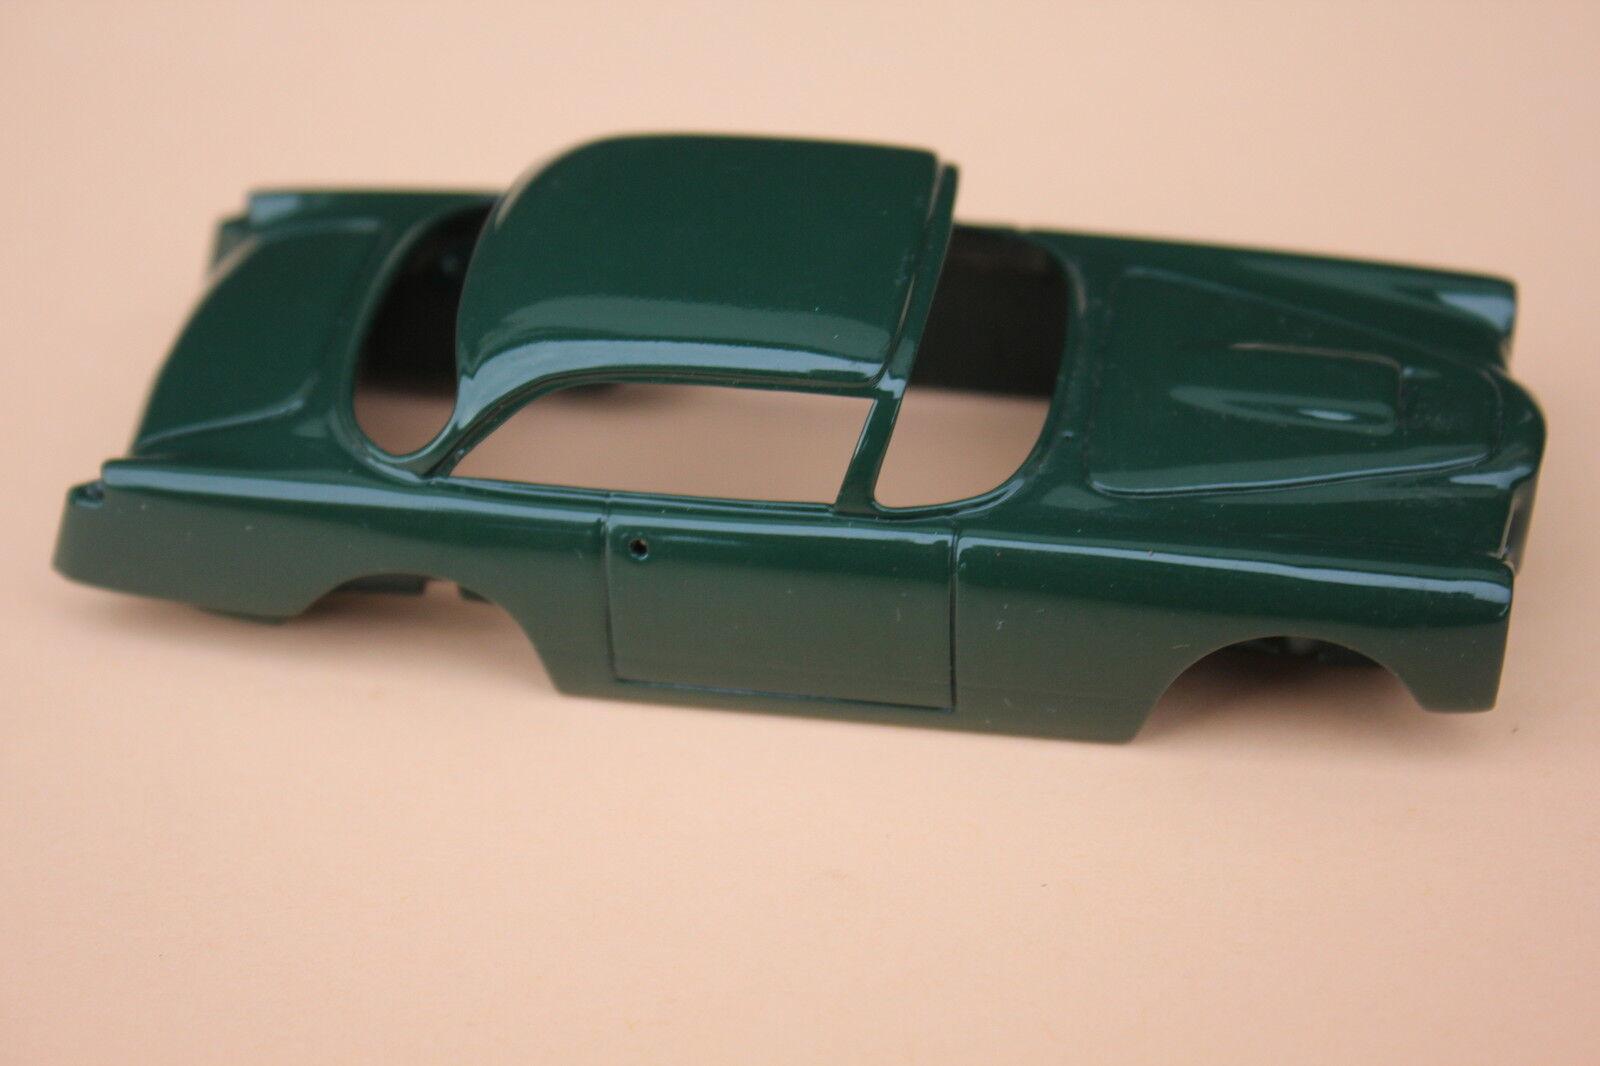 Ui Coche Coche Coche 1 43 Facel Vega Fv2 Se green Heco Miniaturas Miniaturas Lyon 639e9c